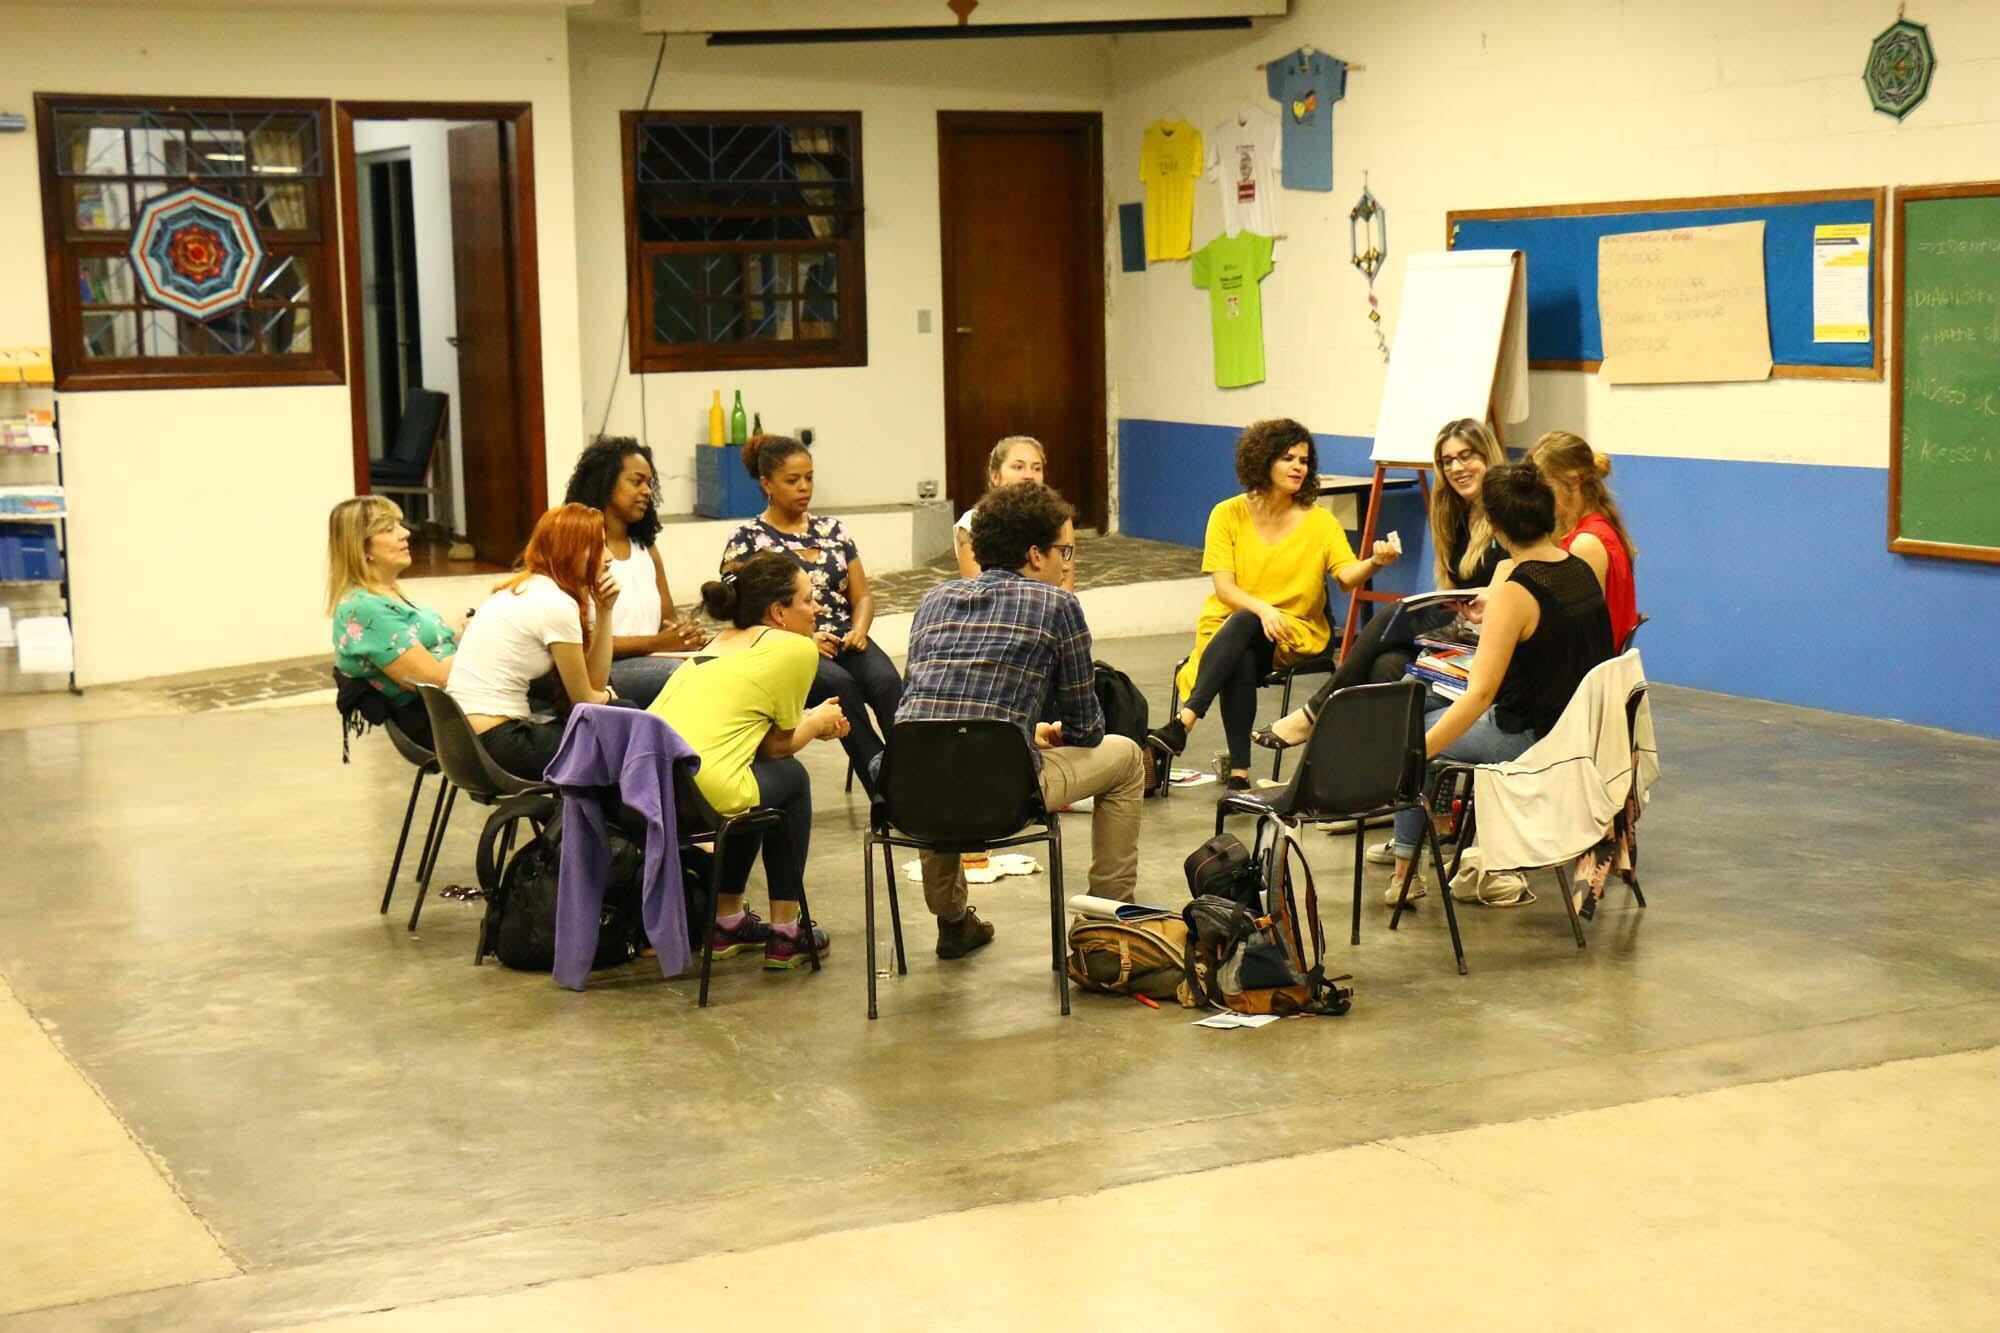 Dans la banlieue de Sao Paulo, des cercles de dialogue sont organisés chaque semaine avec les familles du quartier pour résoudre les conflits. Une avocate s'est même formée à la médiation restaurative.